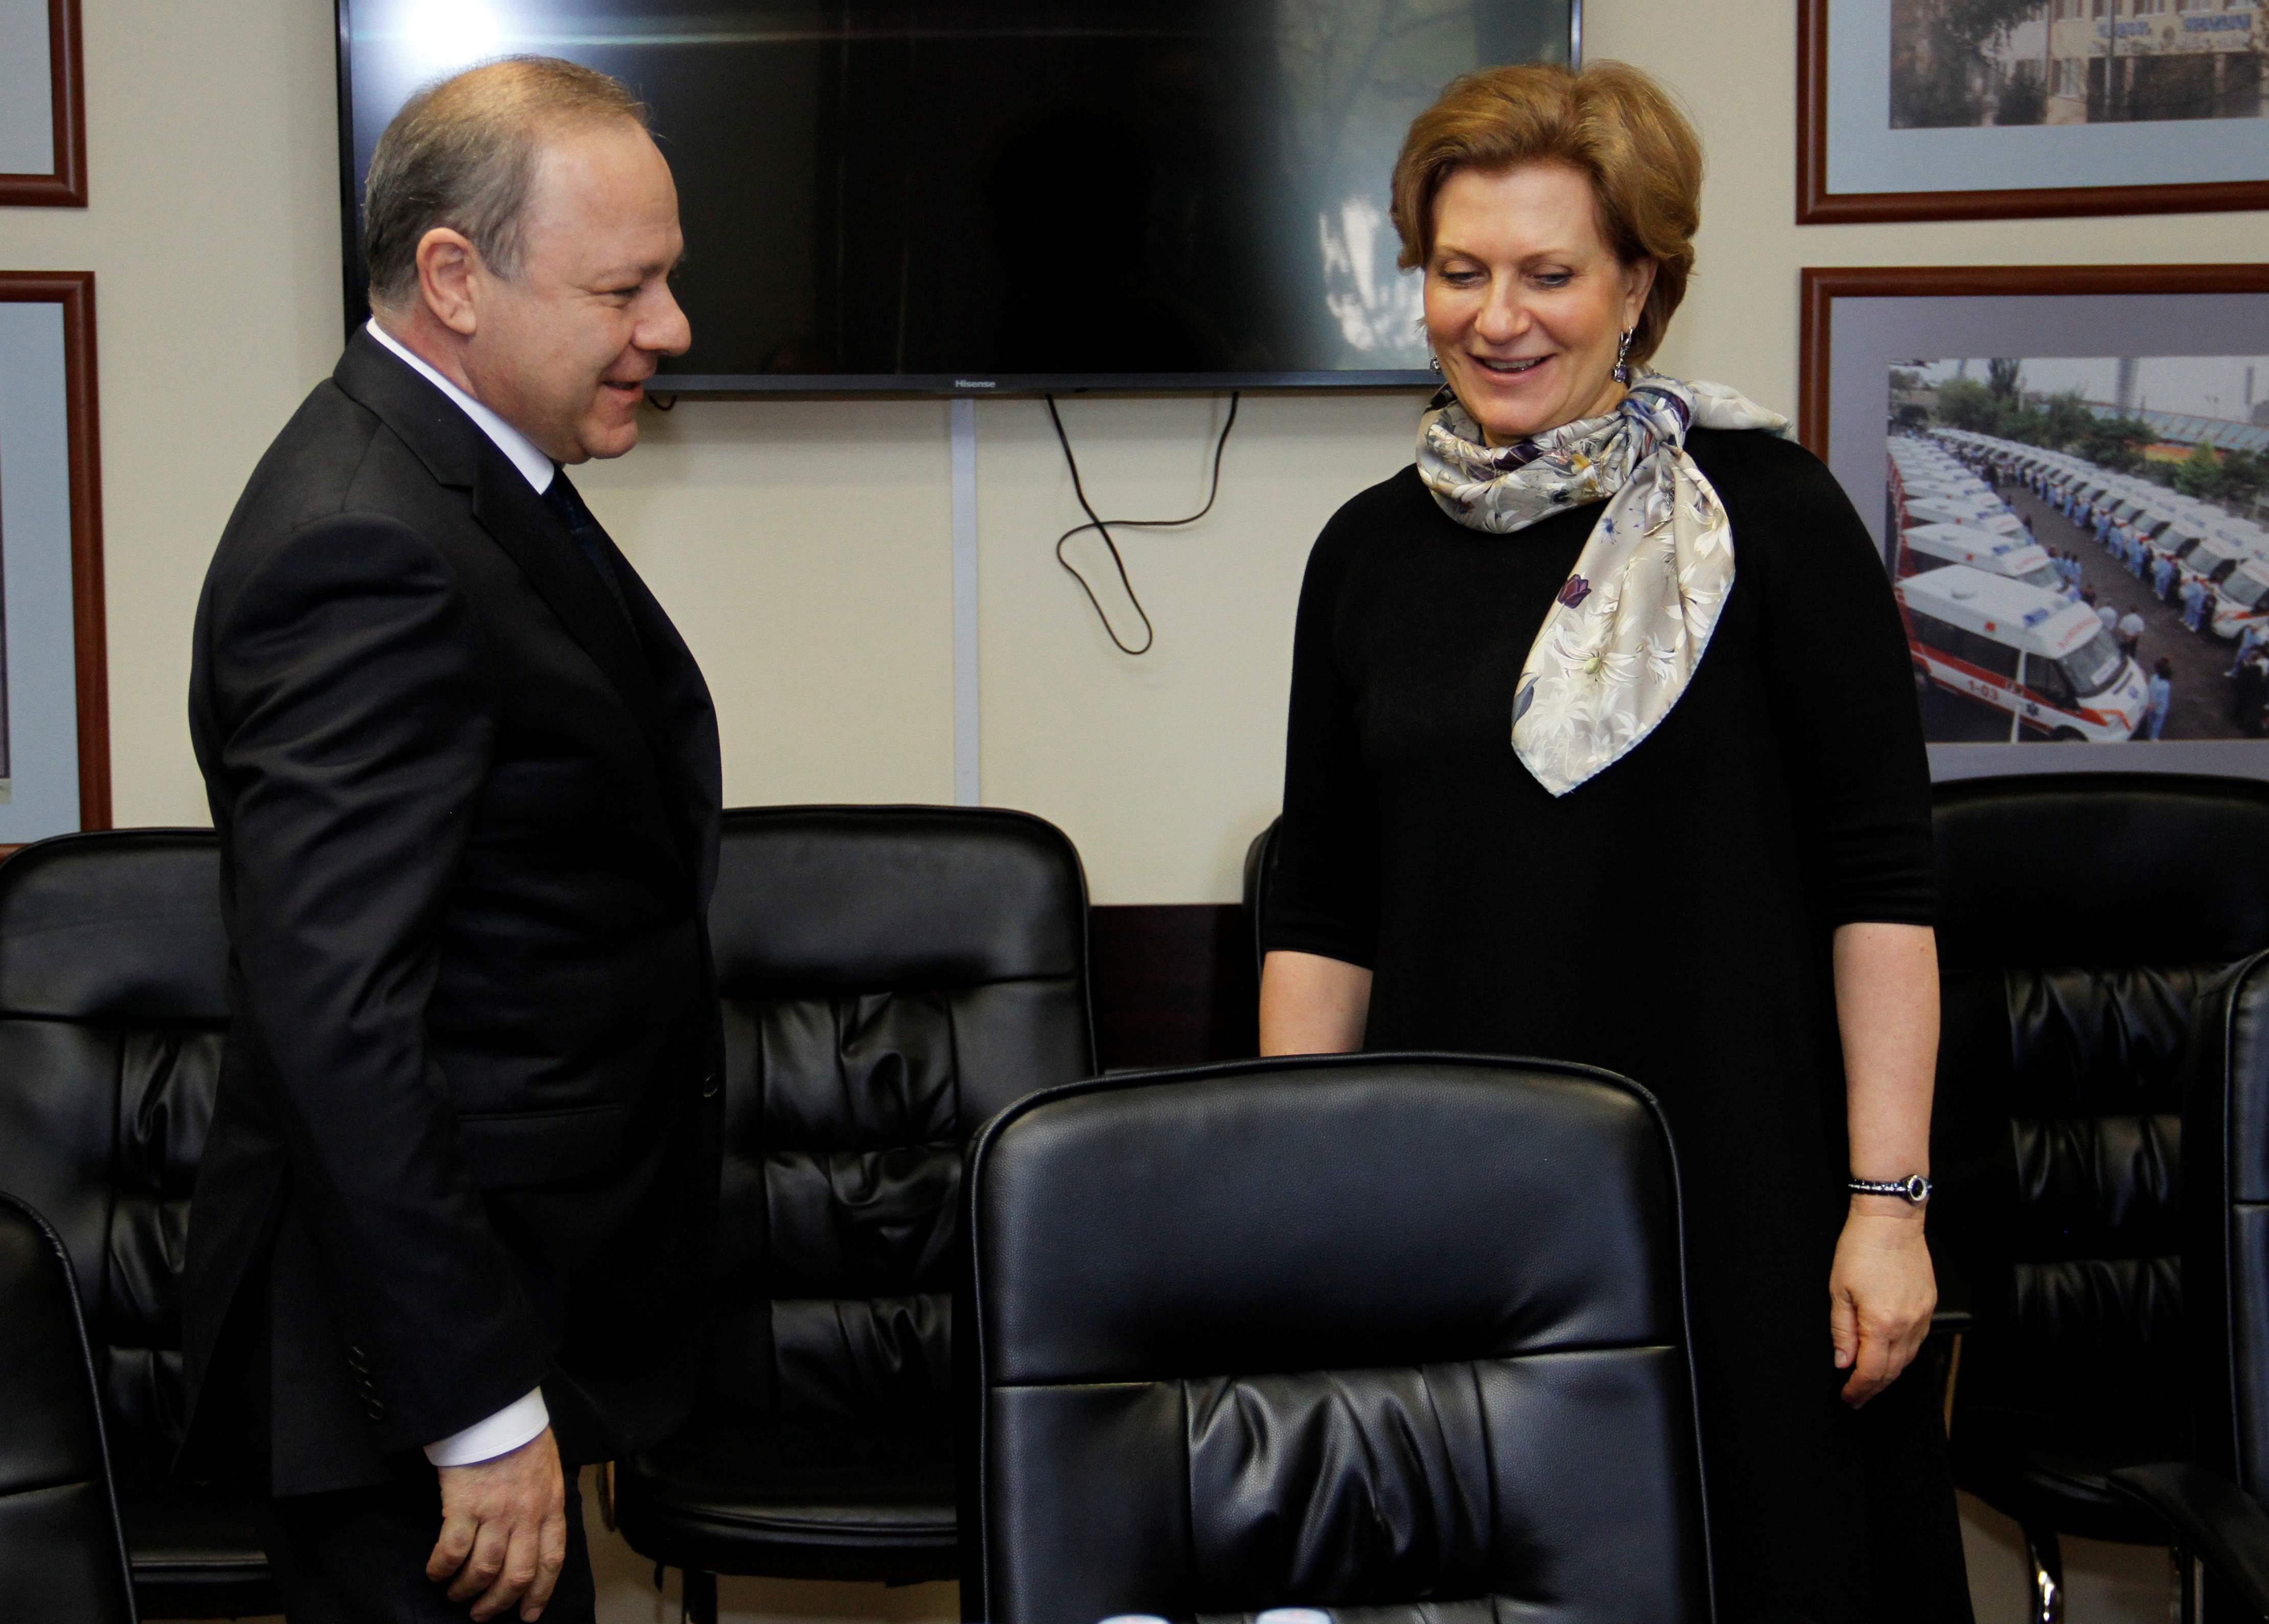 Հայաստանը վճռական է ՄԻԱՎ/ՁԻԱՀ-ի և տուբերկուլոզի հաղթահարման գործում